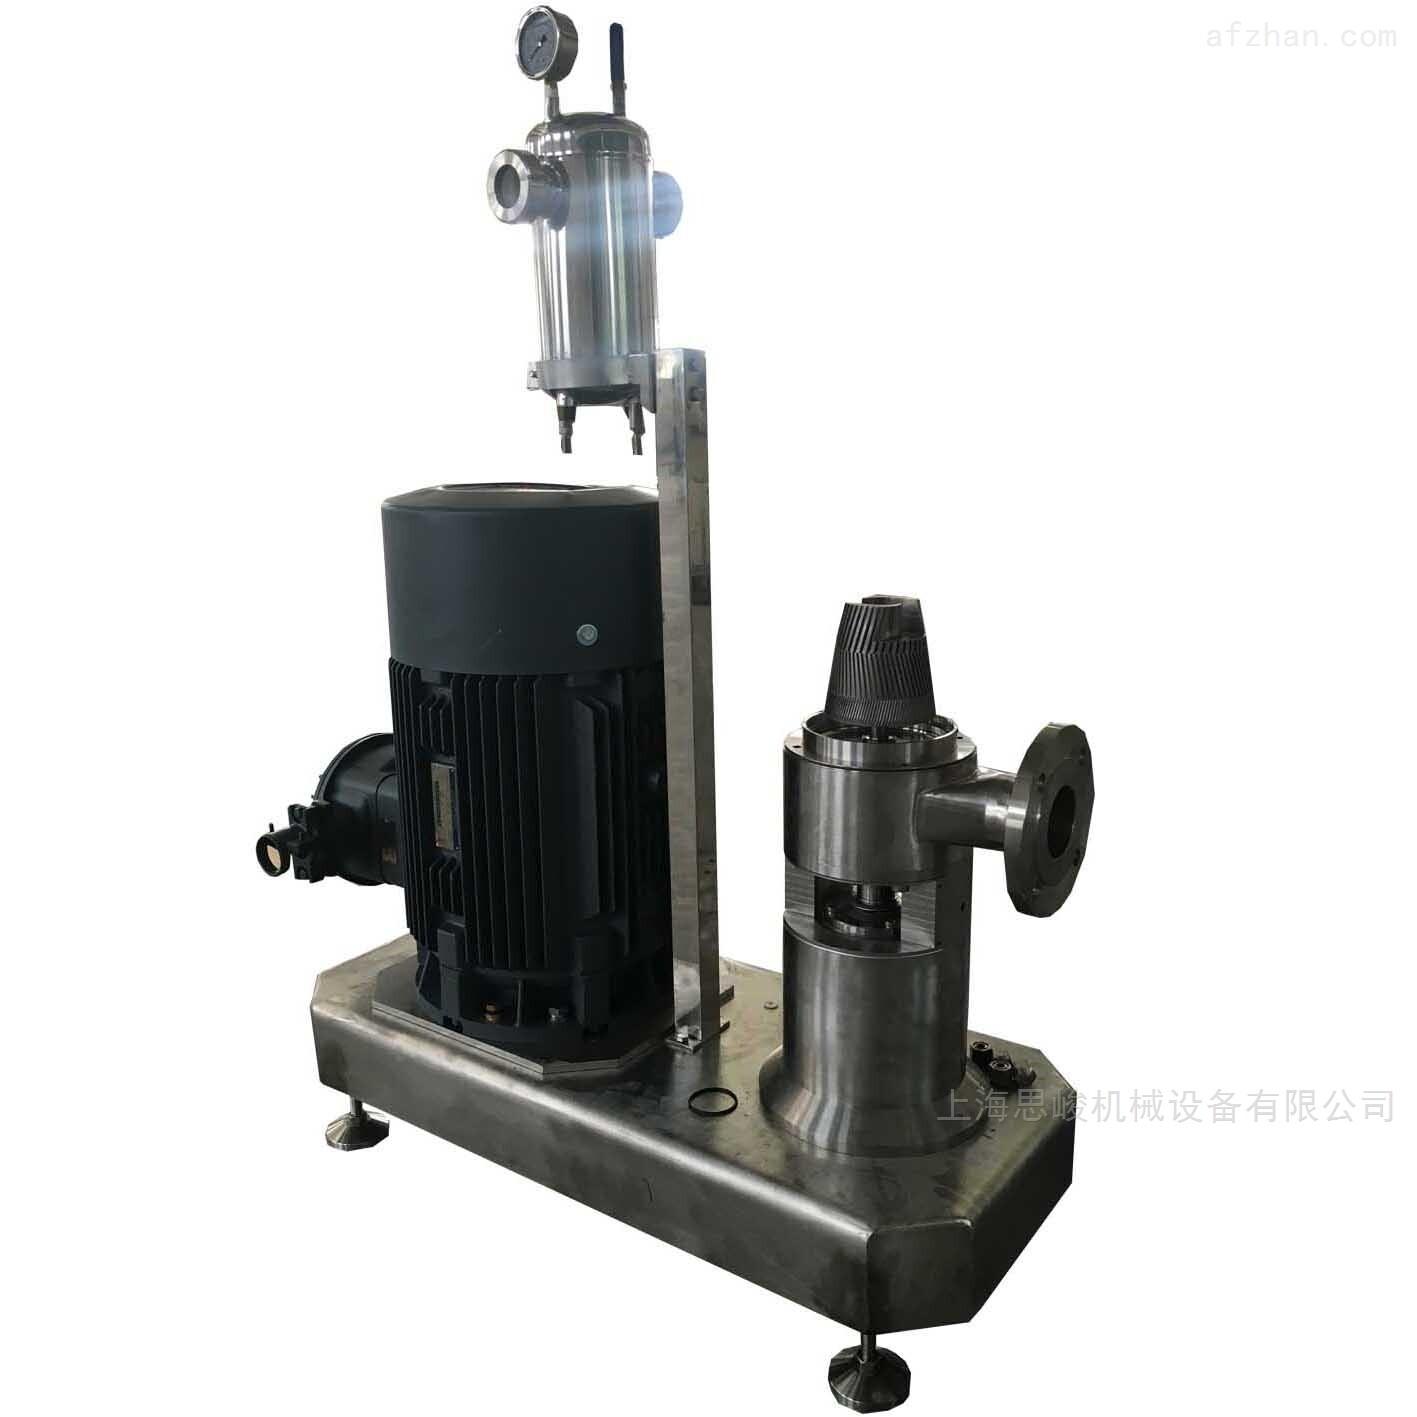 热固性环氧树脂高剪切乳化机